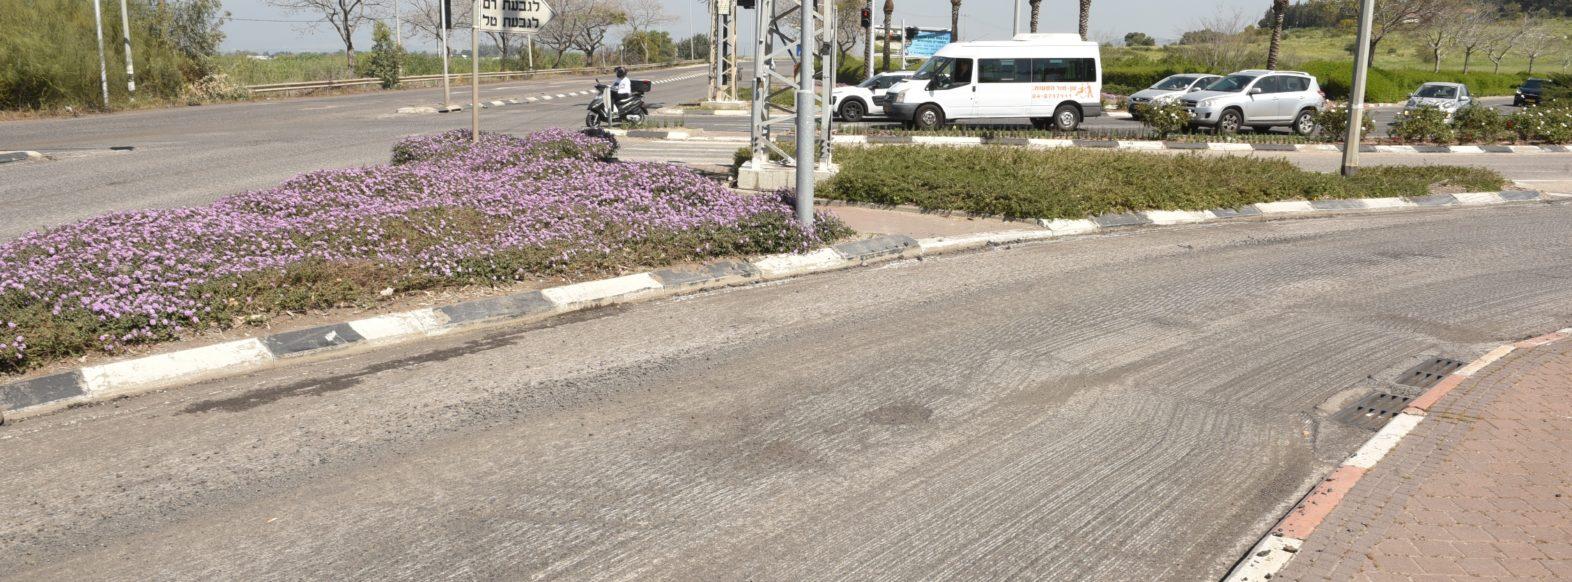 עבודות תשתית לשדרוג רחובות ברחבי העיר